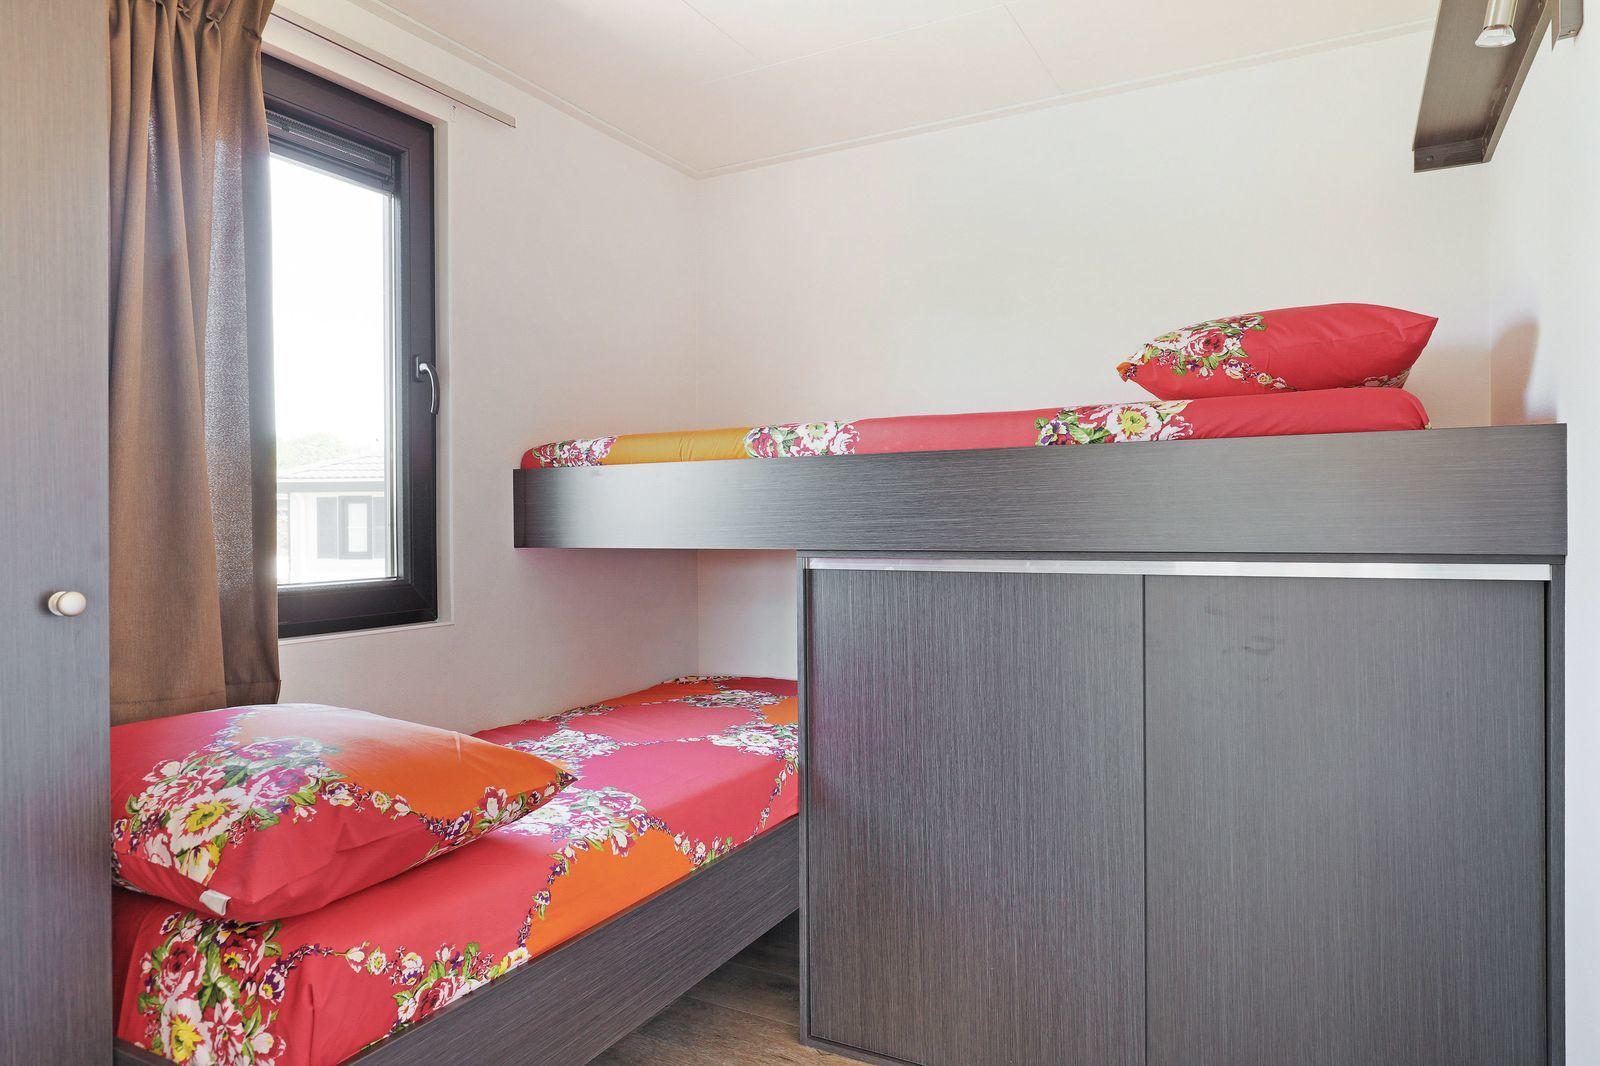 Wasservilla: sechs Personen, drei Schlafzimmer